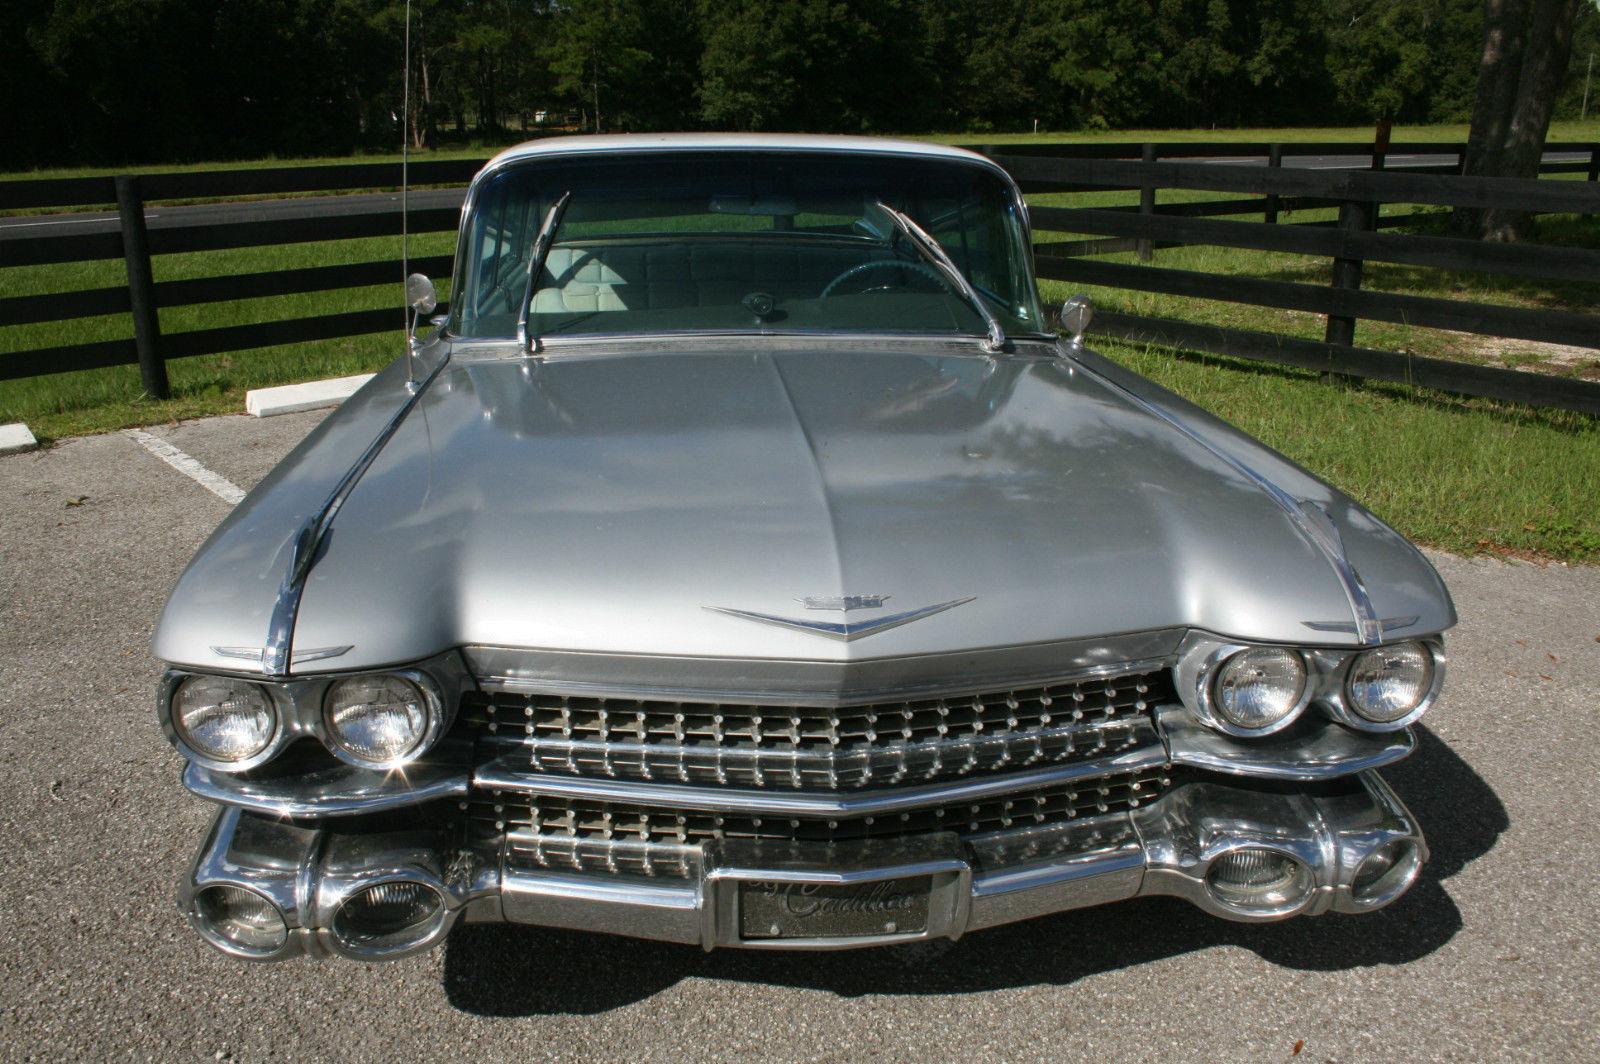 FLORIDA STATE 1959 CADILLAC FLEETWOOD ORIGINAL CALL TITUS ...